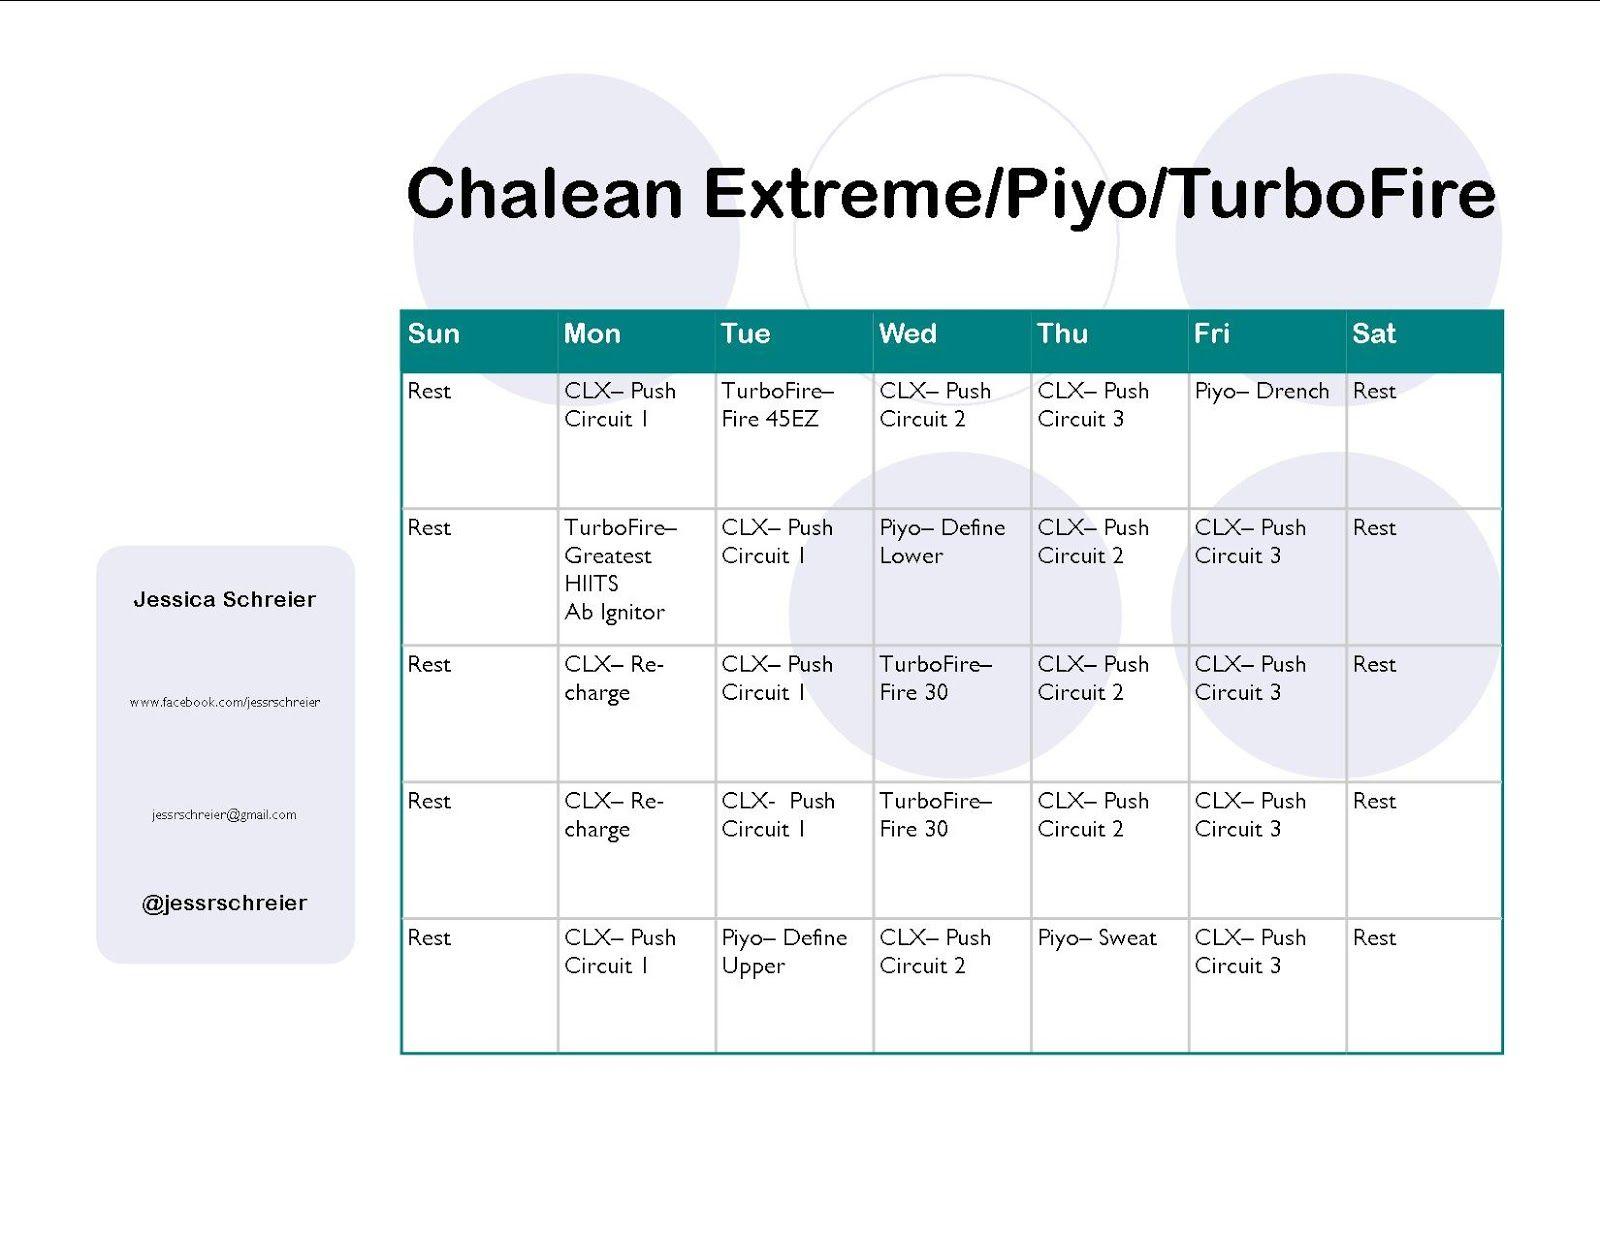 Worksheets Chalean Extreme Worksheets chalean extremeturbofirepiyo hybrid schedule fitness schedule